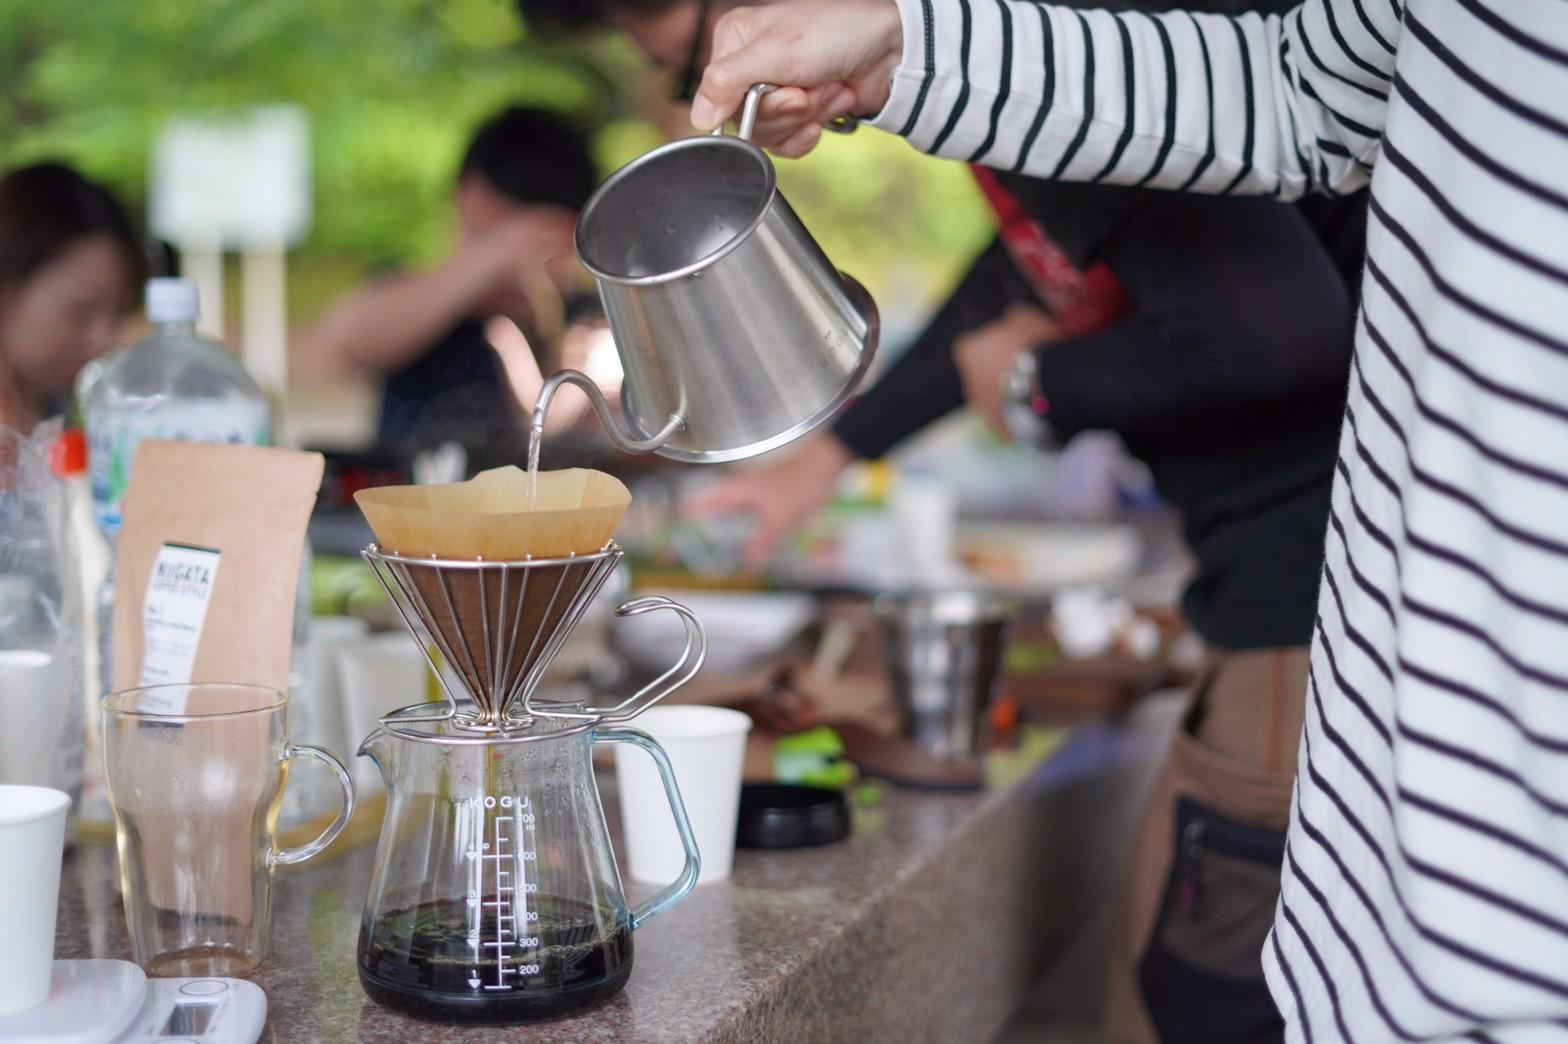 【6/28(土)朝活】ホットサンド×ハンドドリップコーヒーVol.2